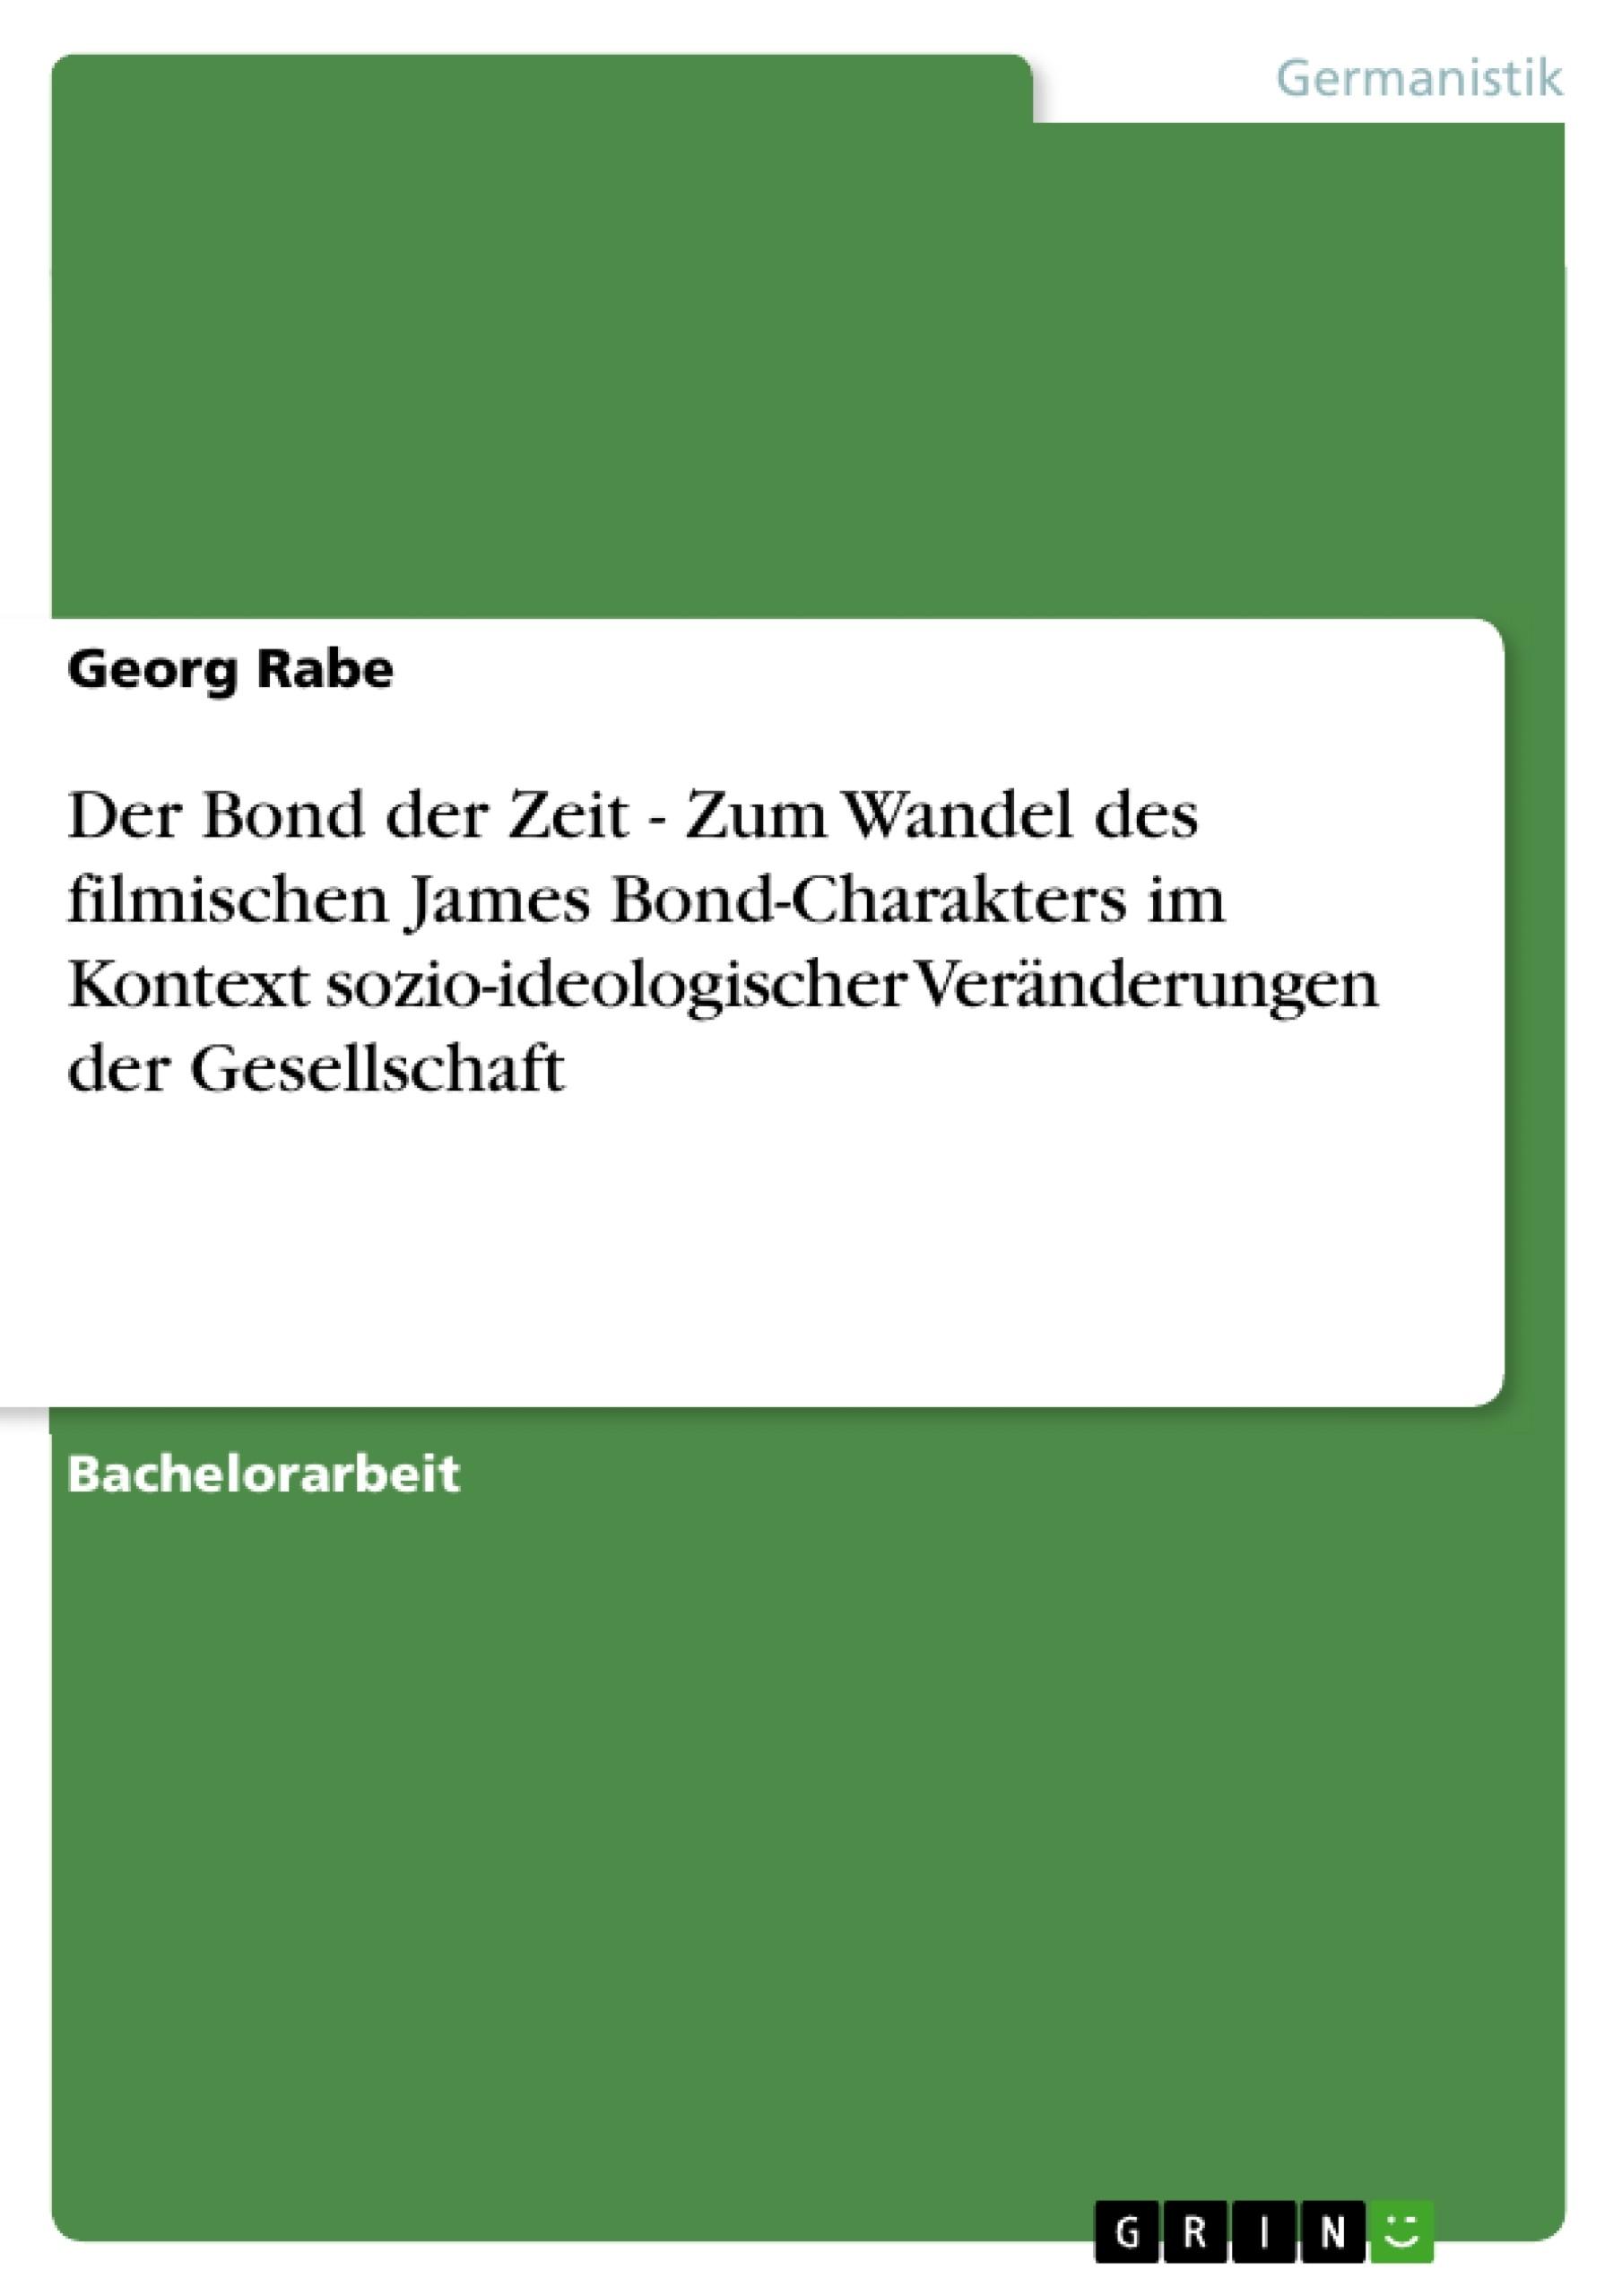 Titel: Der Bond der Zeit - Zum Wandel des filmischen James Bond-Charakters im Kontext sozio-ideologischer Veränderungen der Gesellschaft